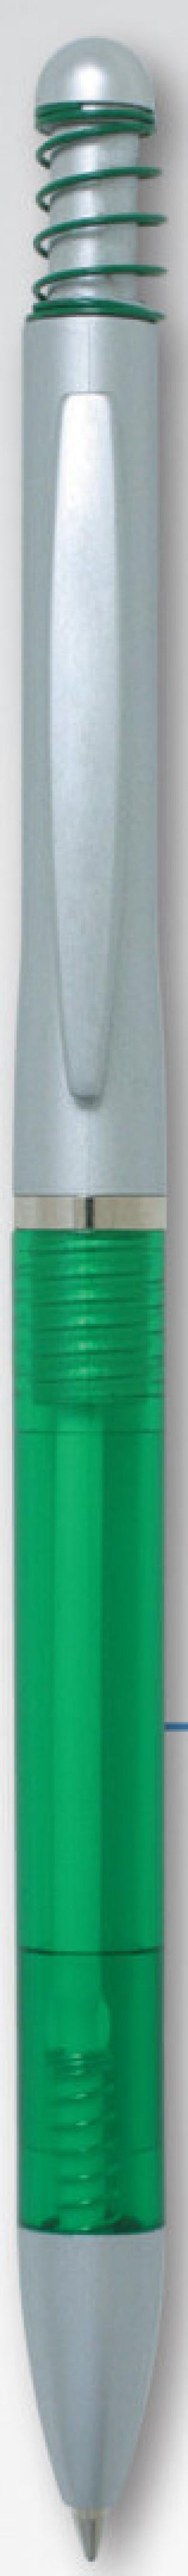 Kugelschreiber B 008 B